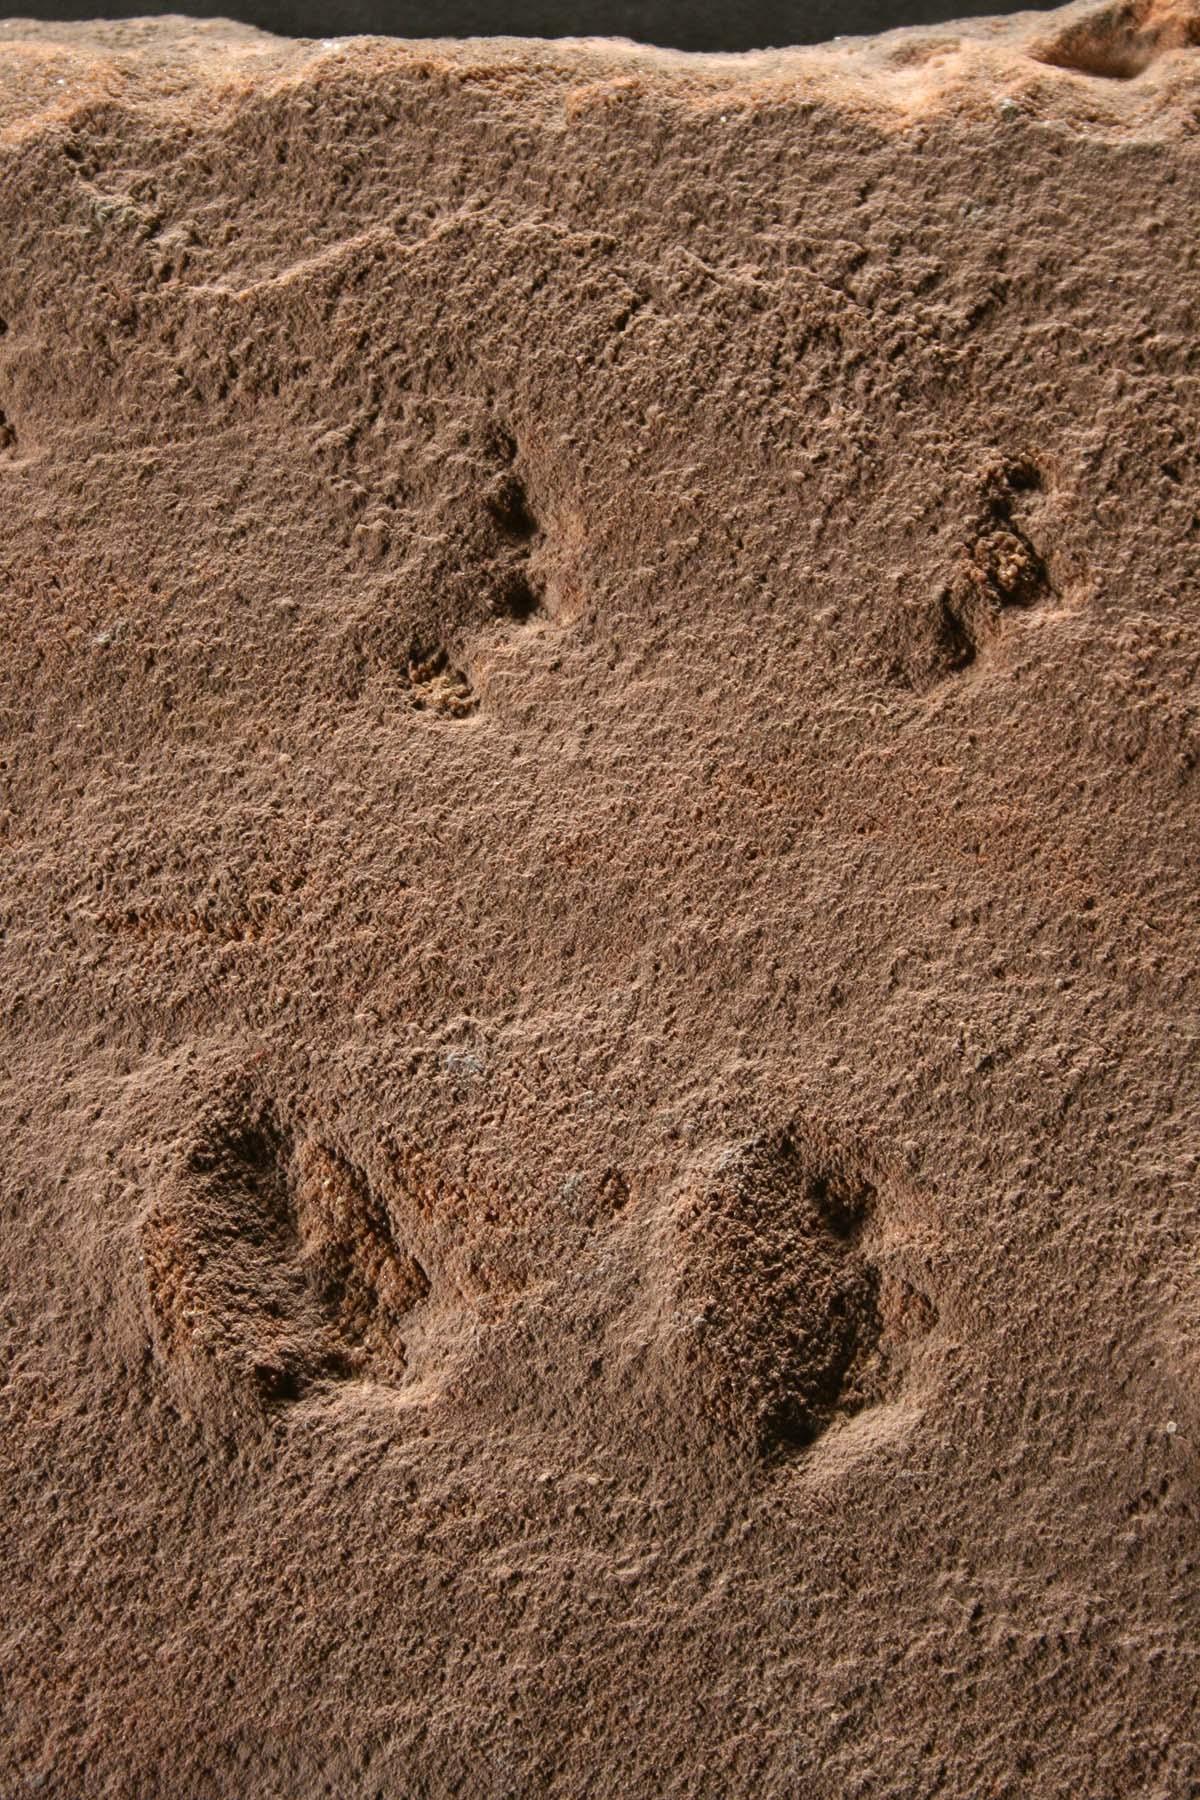 photo of fossilised footprints